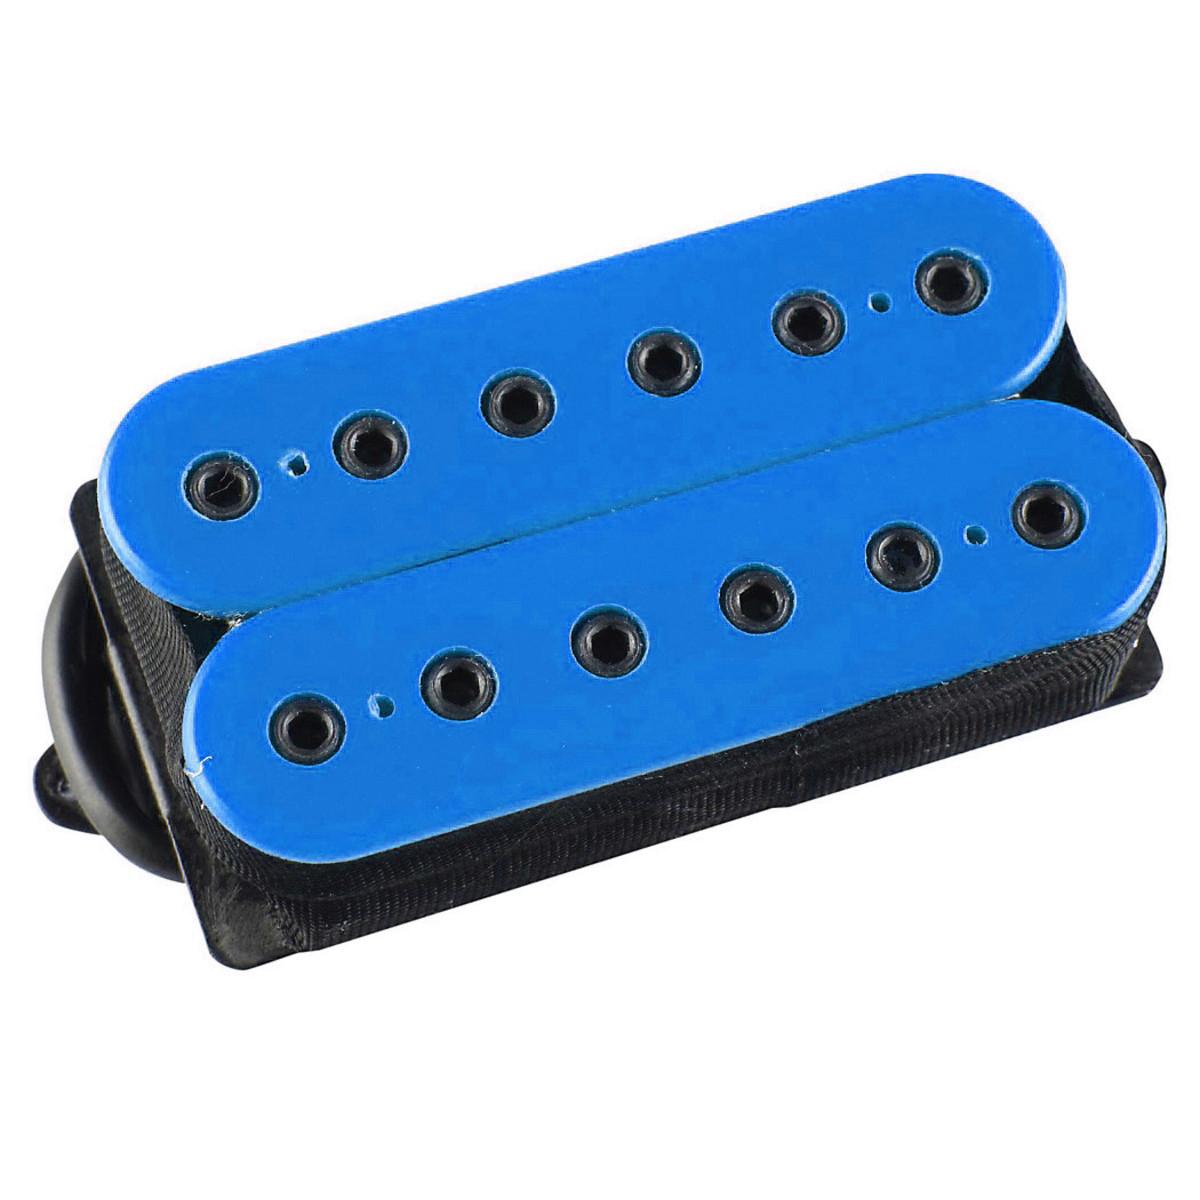 Schema Collegamento Humbucker Di Marzio : Dimarzio dp158 evolution neck f spaced humbucker pickup blue